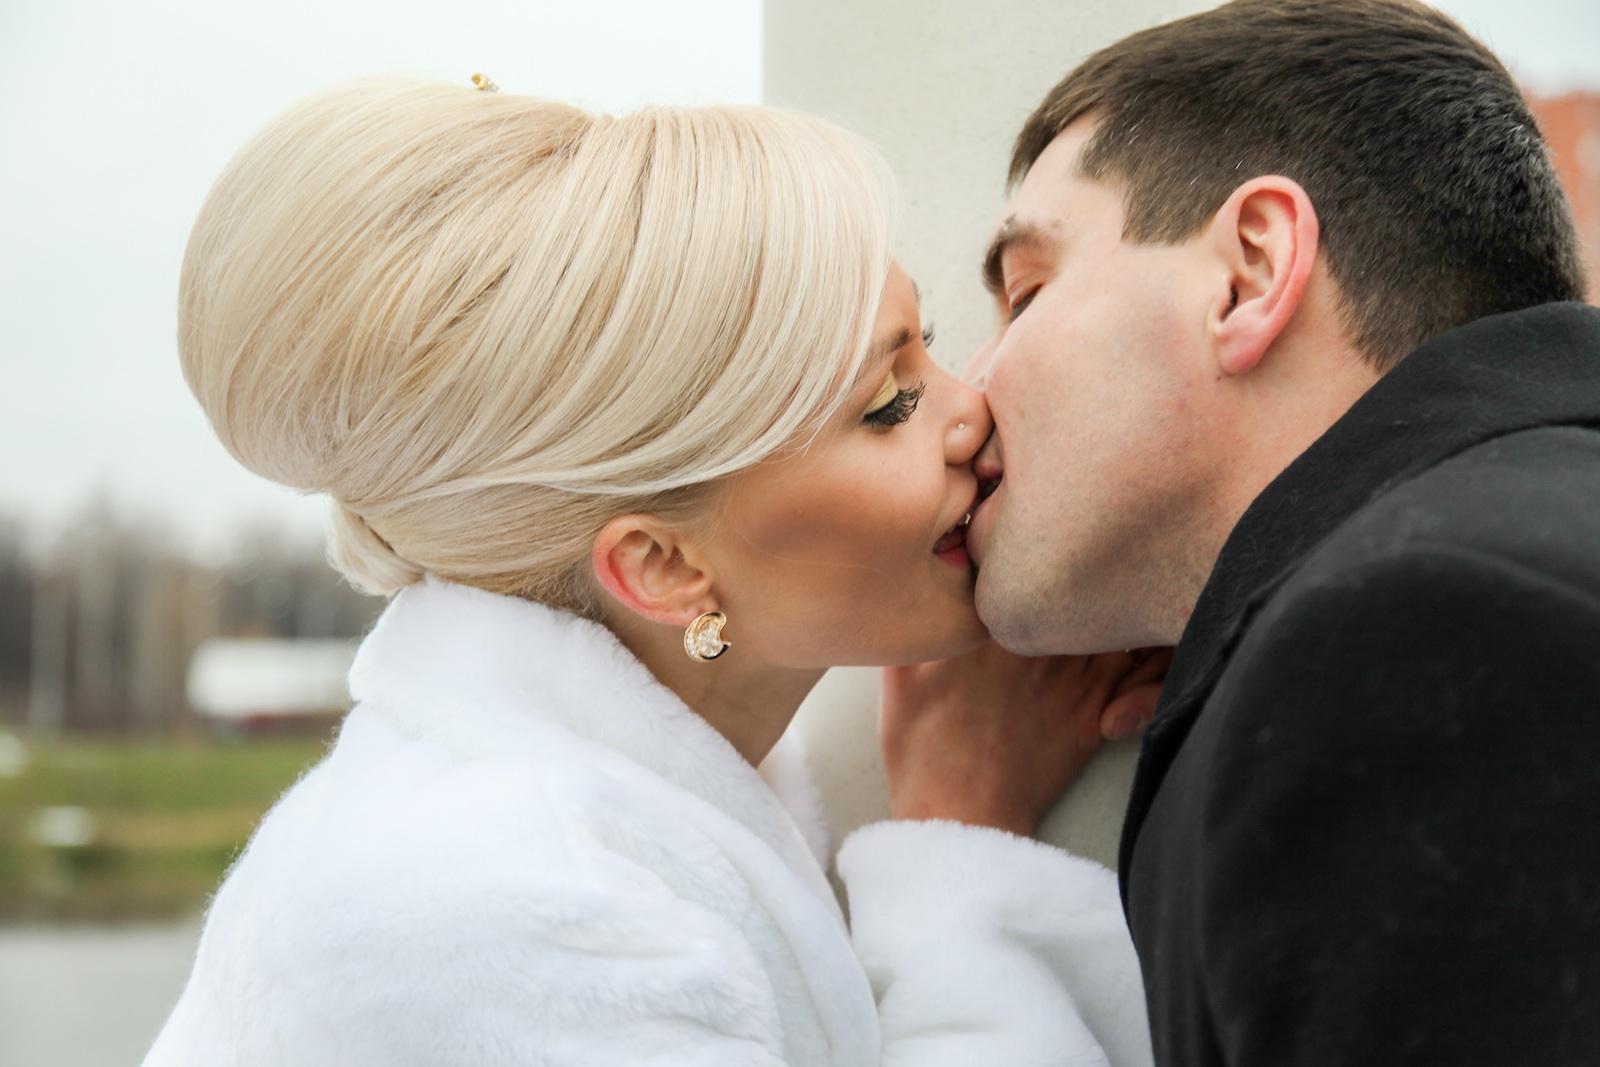 полу эротическая, поцелуй с блондинками улыбнулась